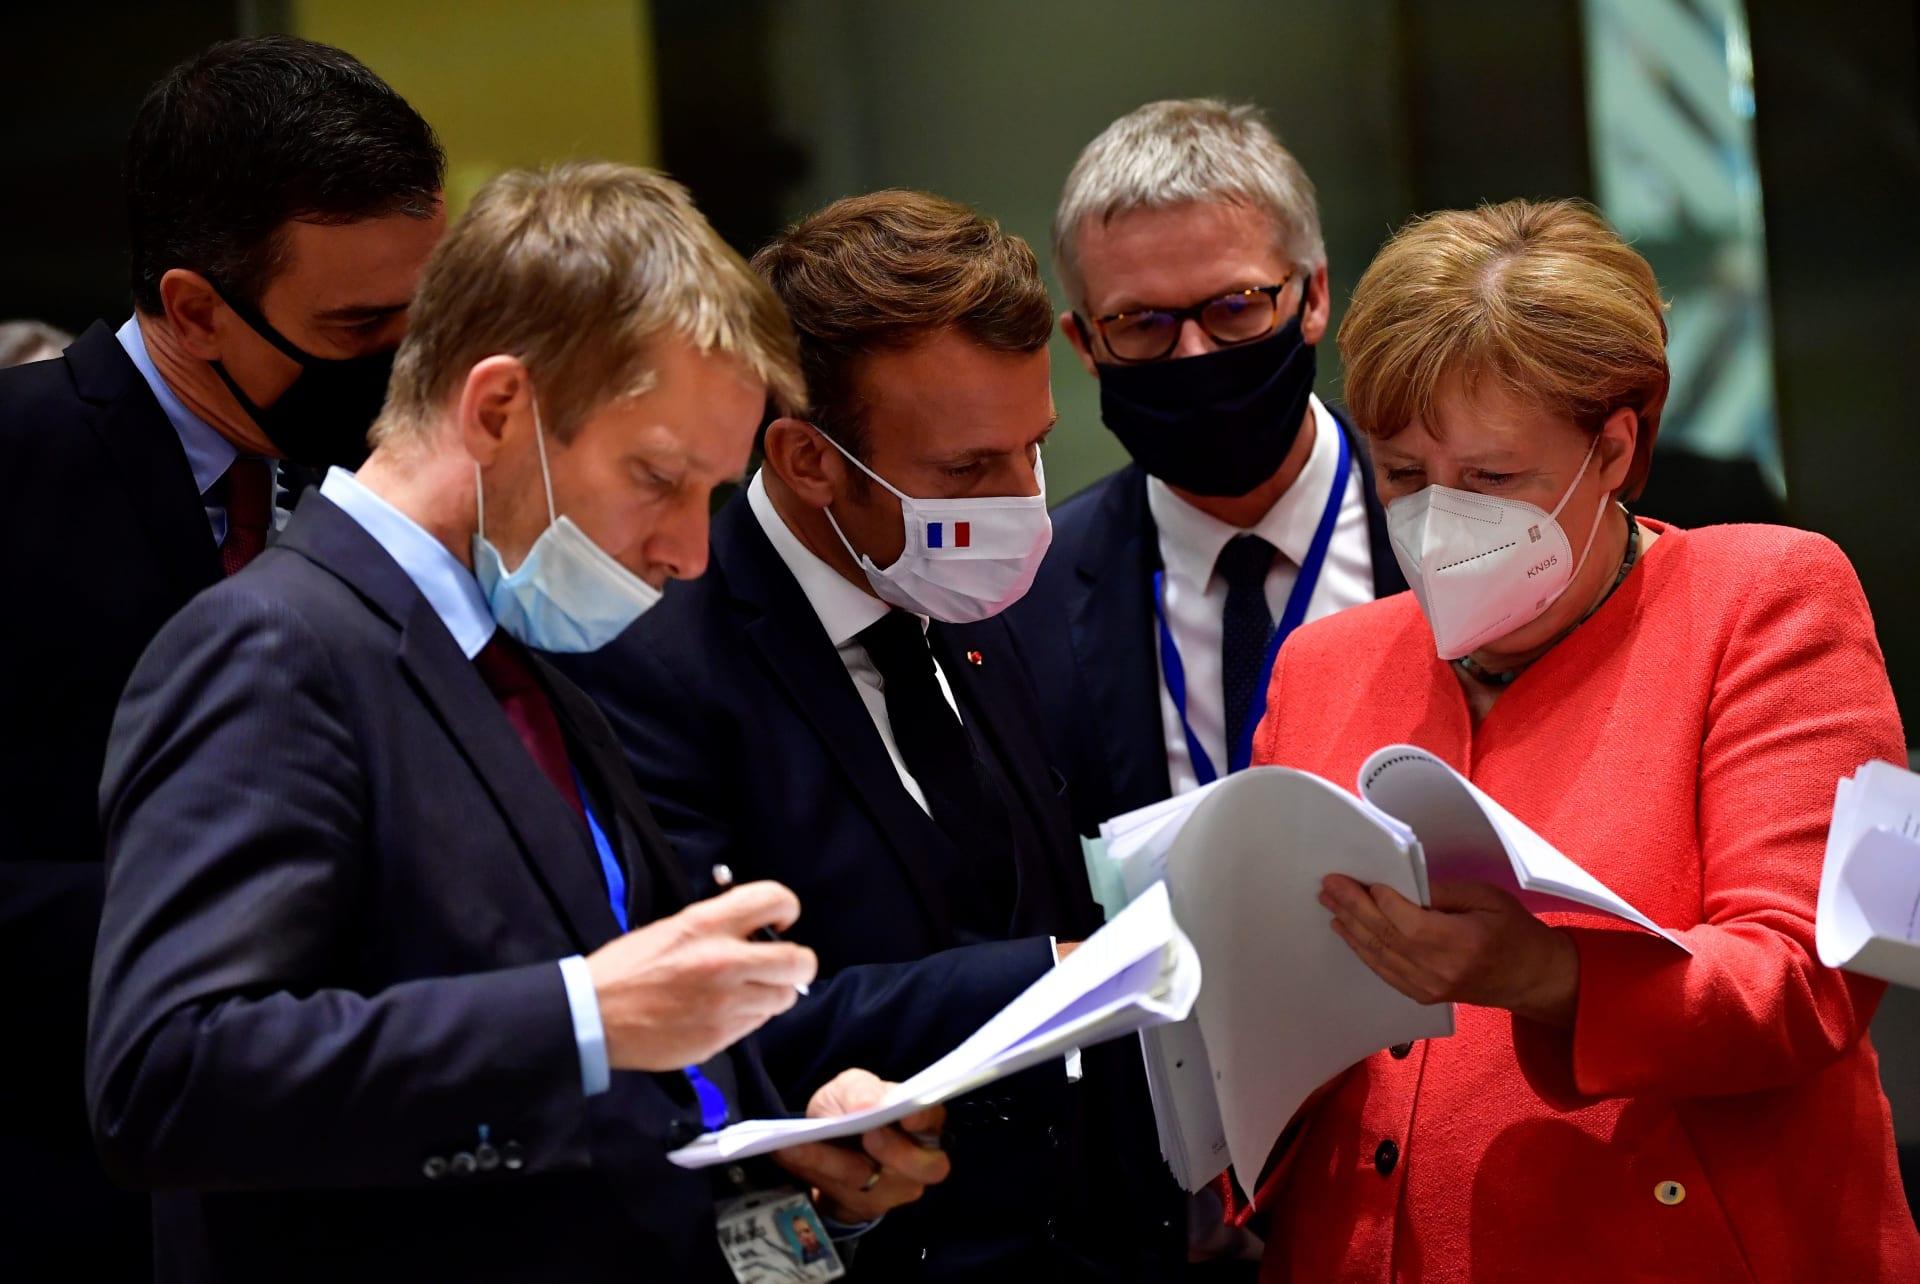 قادة الاتحاد الأوروبي في بركسل يبحثون خطة المساعدات المالية للتعافي من آثار كورونا